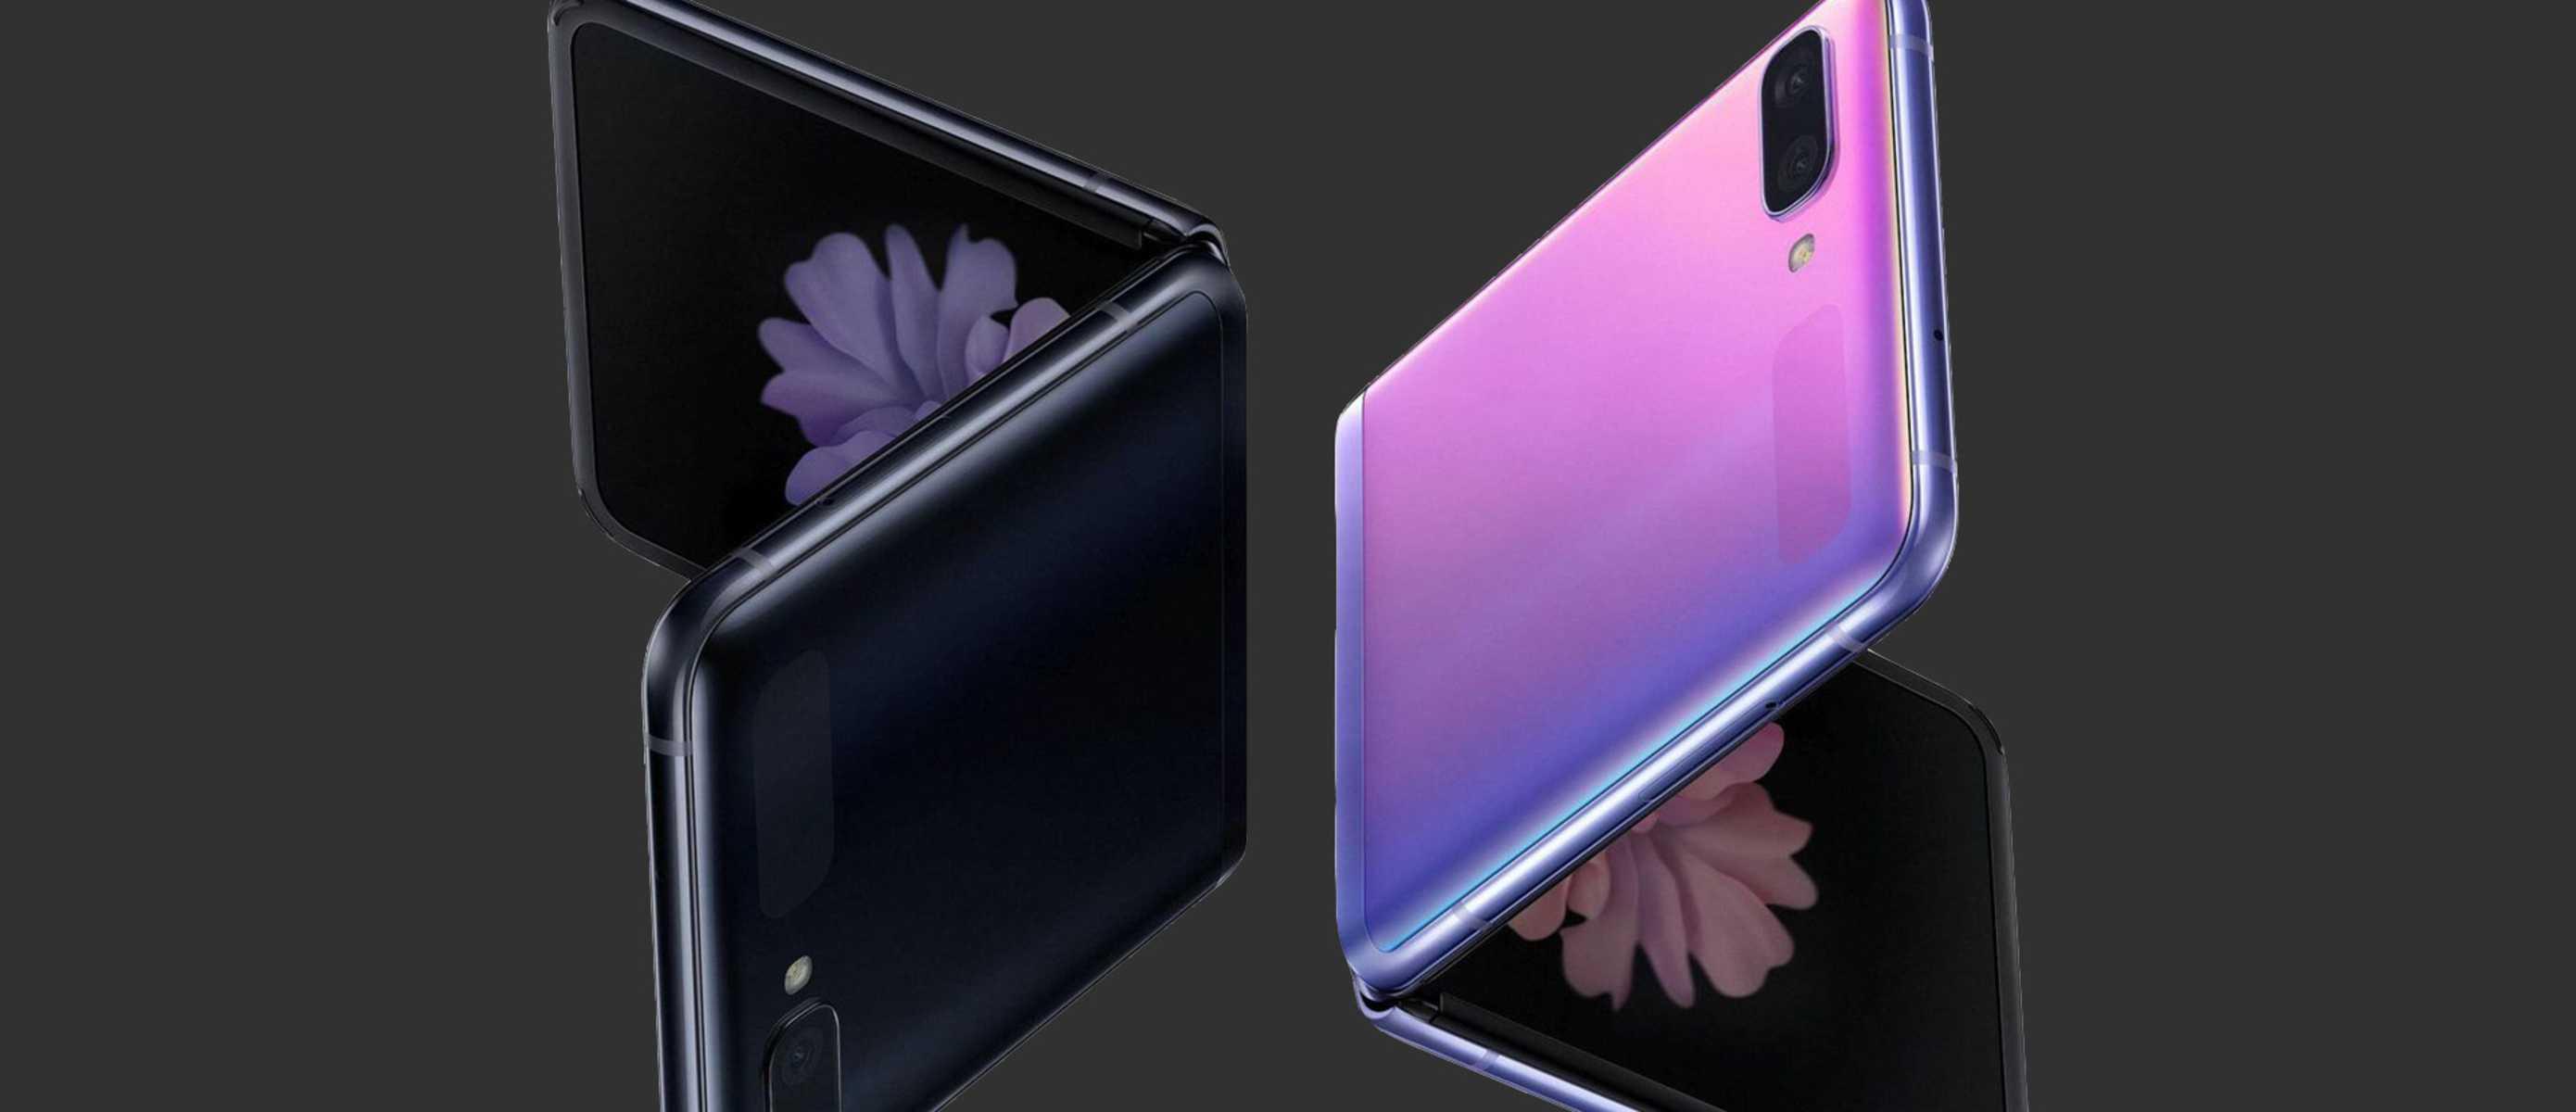 Совместно с дизайнером Snoreyn специалисты известного ресурса LetsGoDigital разработали высококачественные рендеры нового смартфона с гибким экраном для Samsung Речь